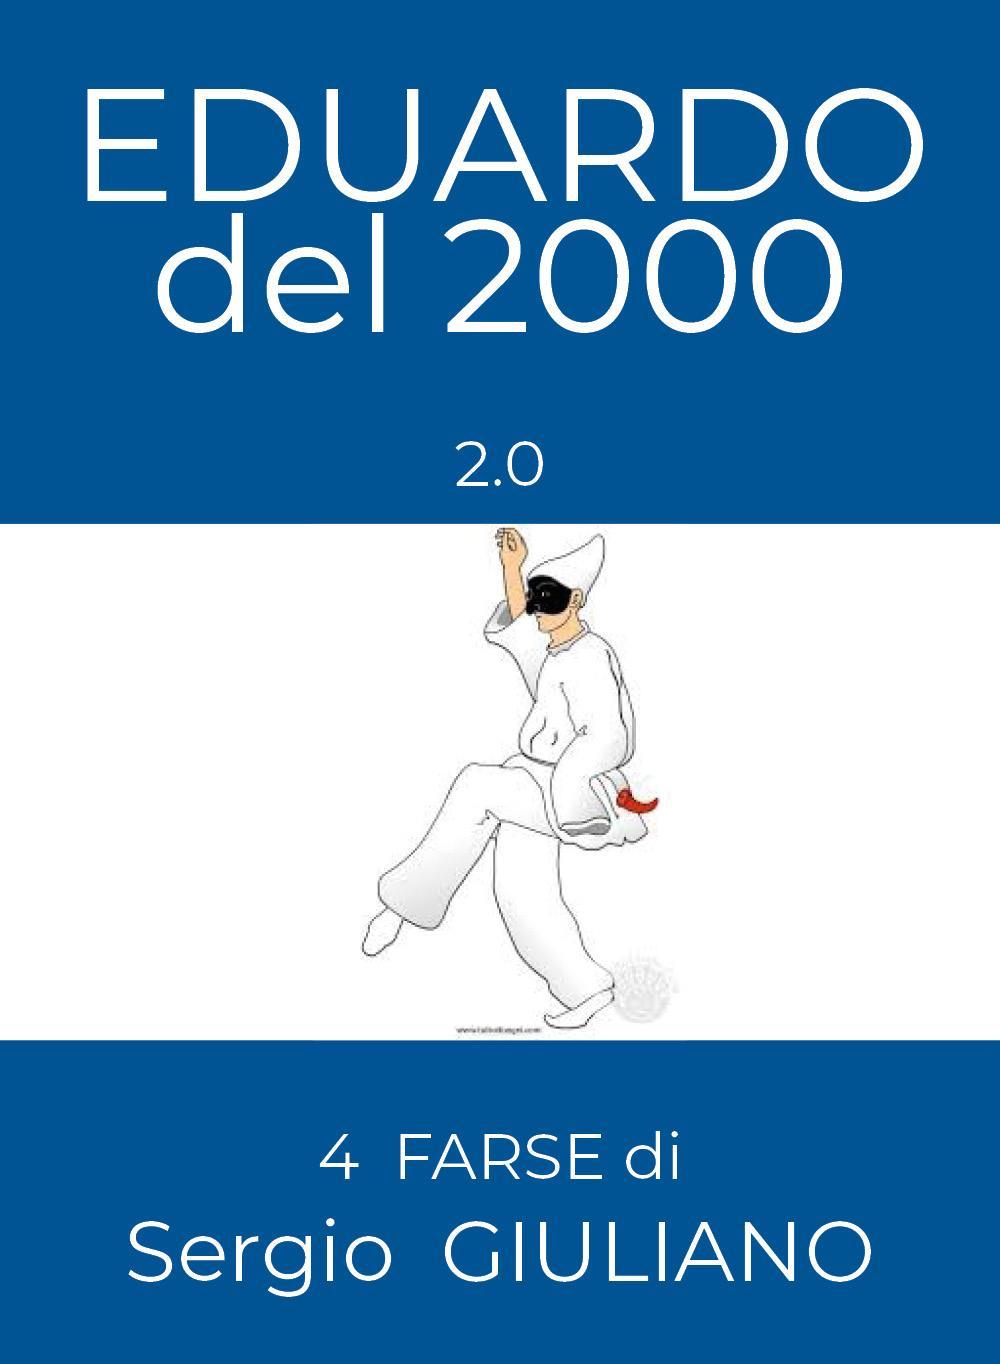 EDUARDO del 2000-2.0